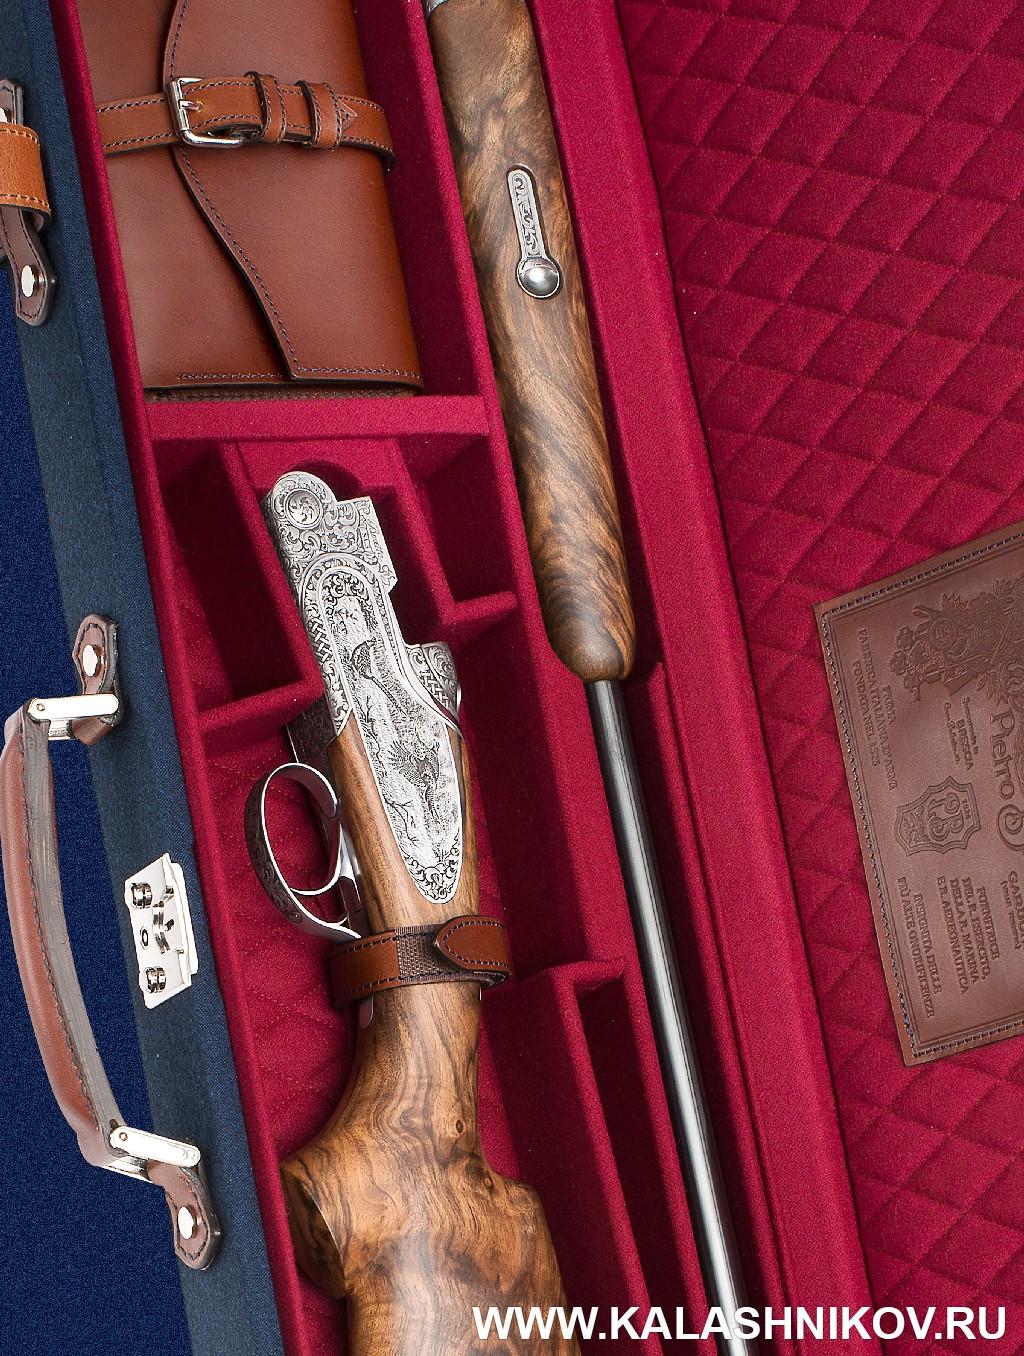 Ружьё Beretta SL3 в кейсе. Фото из журнала «Калашников»